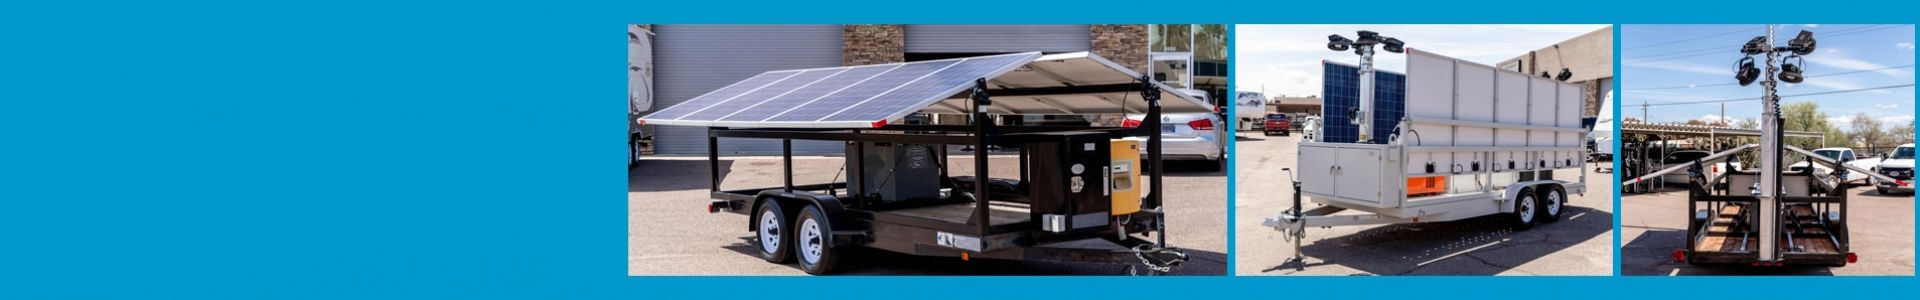 Solar-trailer-hp-slide